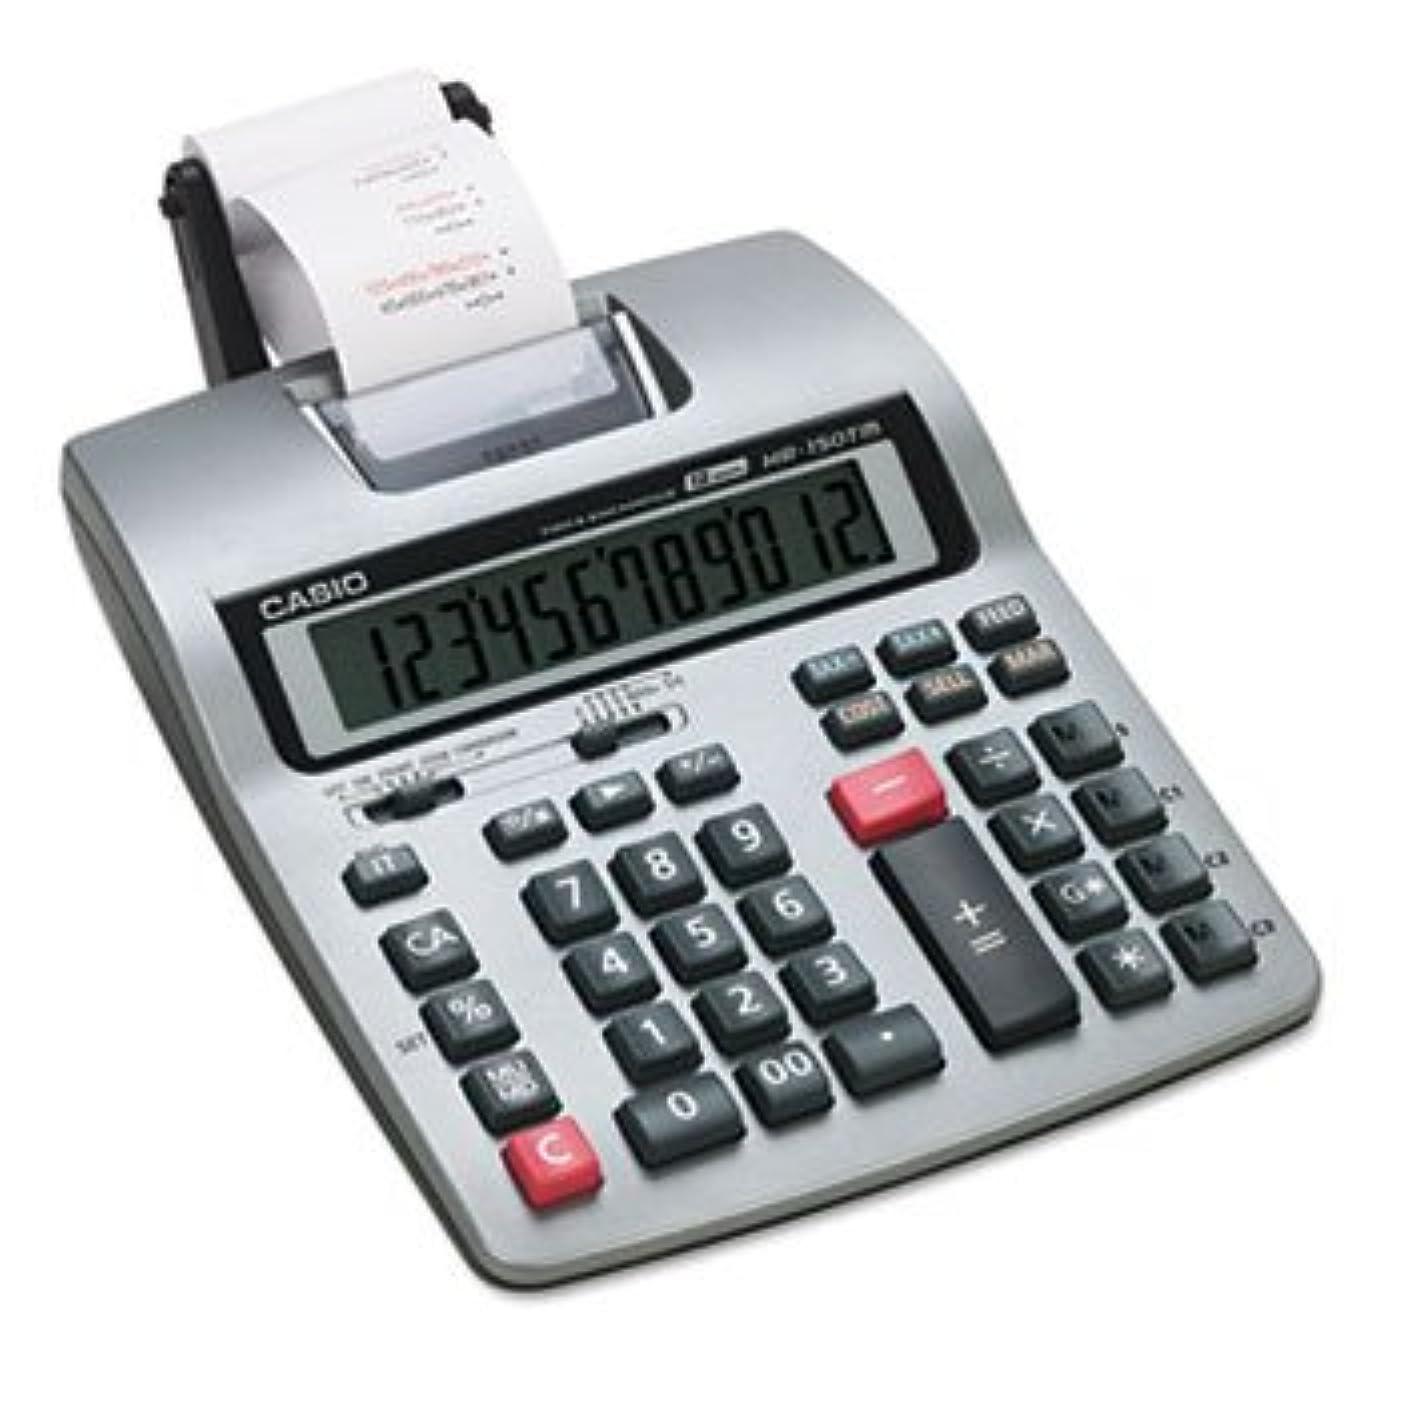 使役実行テンポhr-150tm 2色印刷、電卓12桁LCD、ブラック/レッド